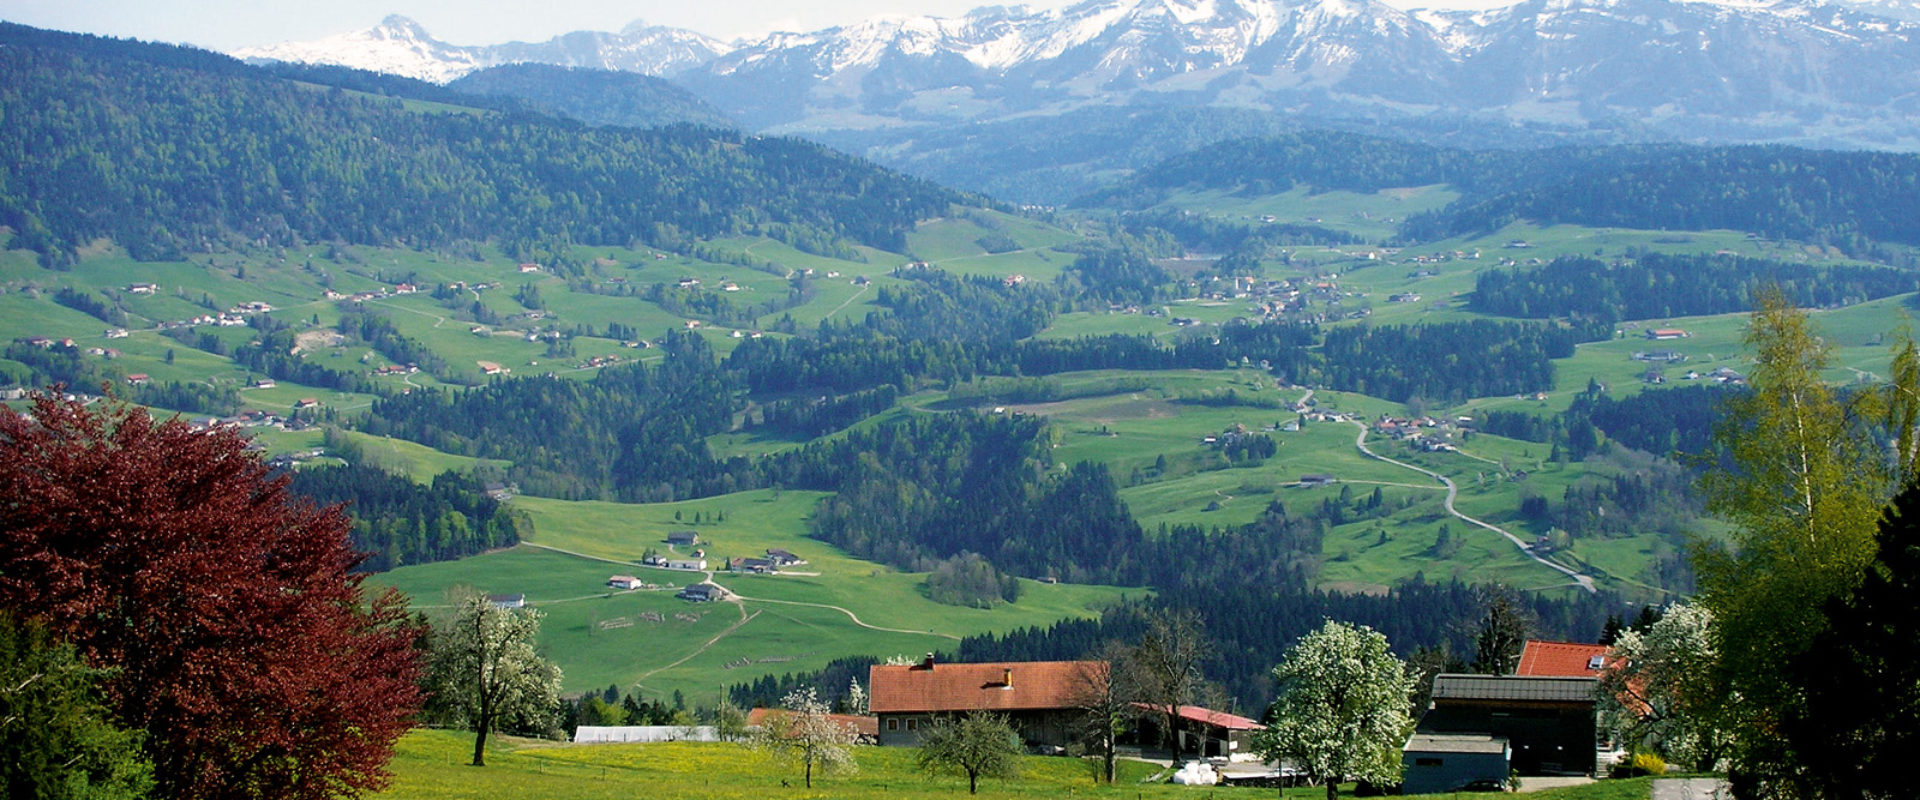 Hochsträß in Sulzberg